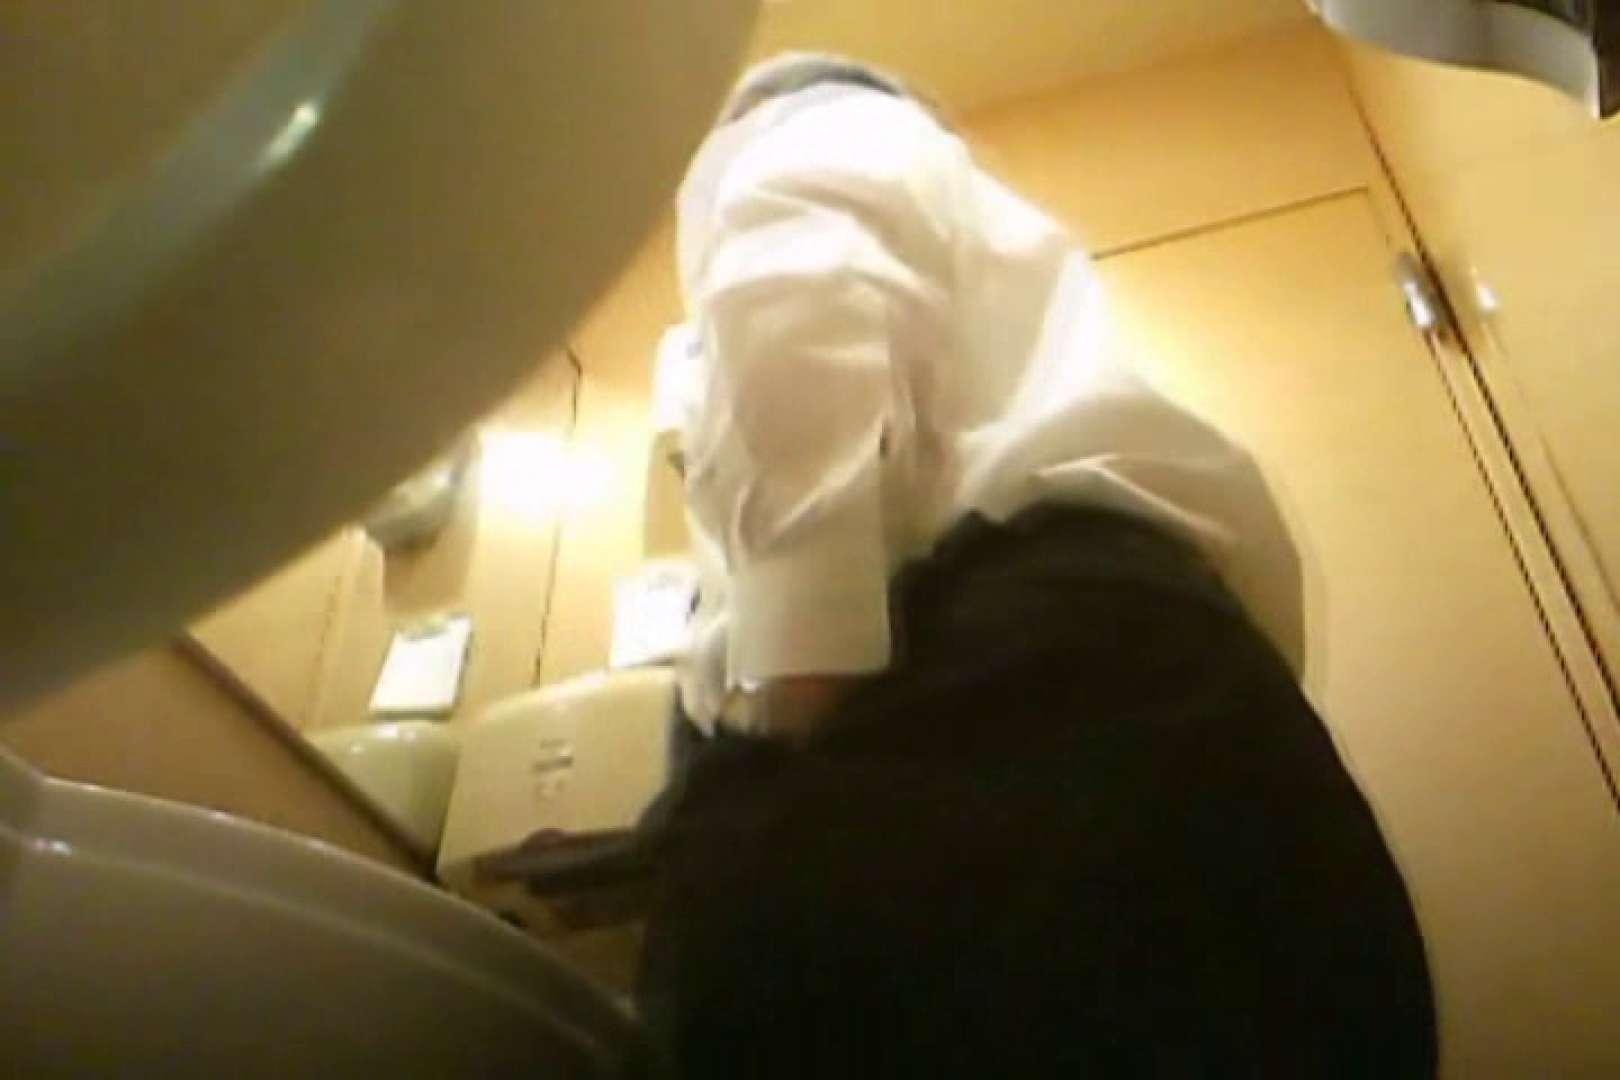 SEASON 3rd!掴み取りさんの洗面所覗き!in新幹線!VOL.14 その他 | スーツボーイズ  64pic 16